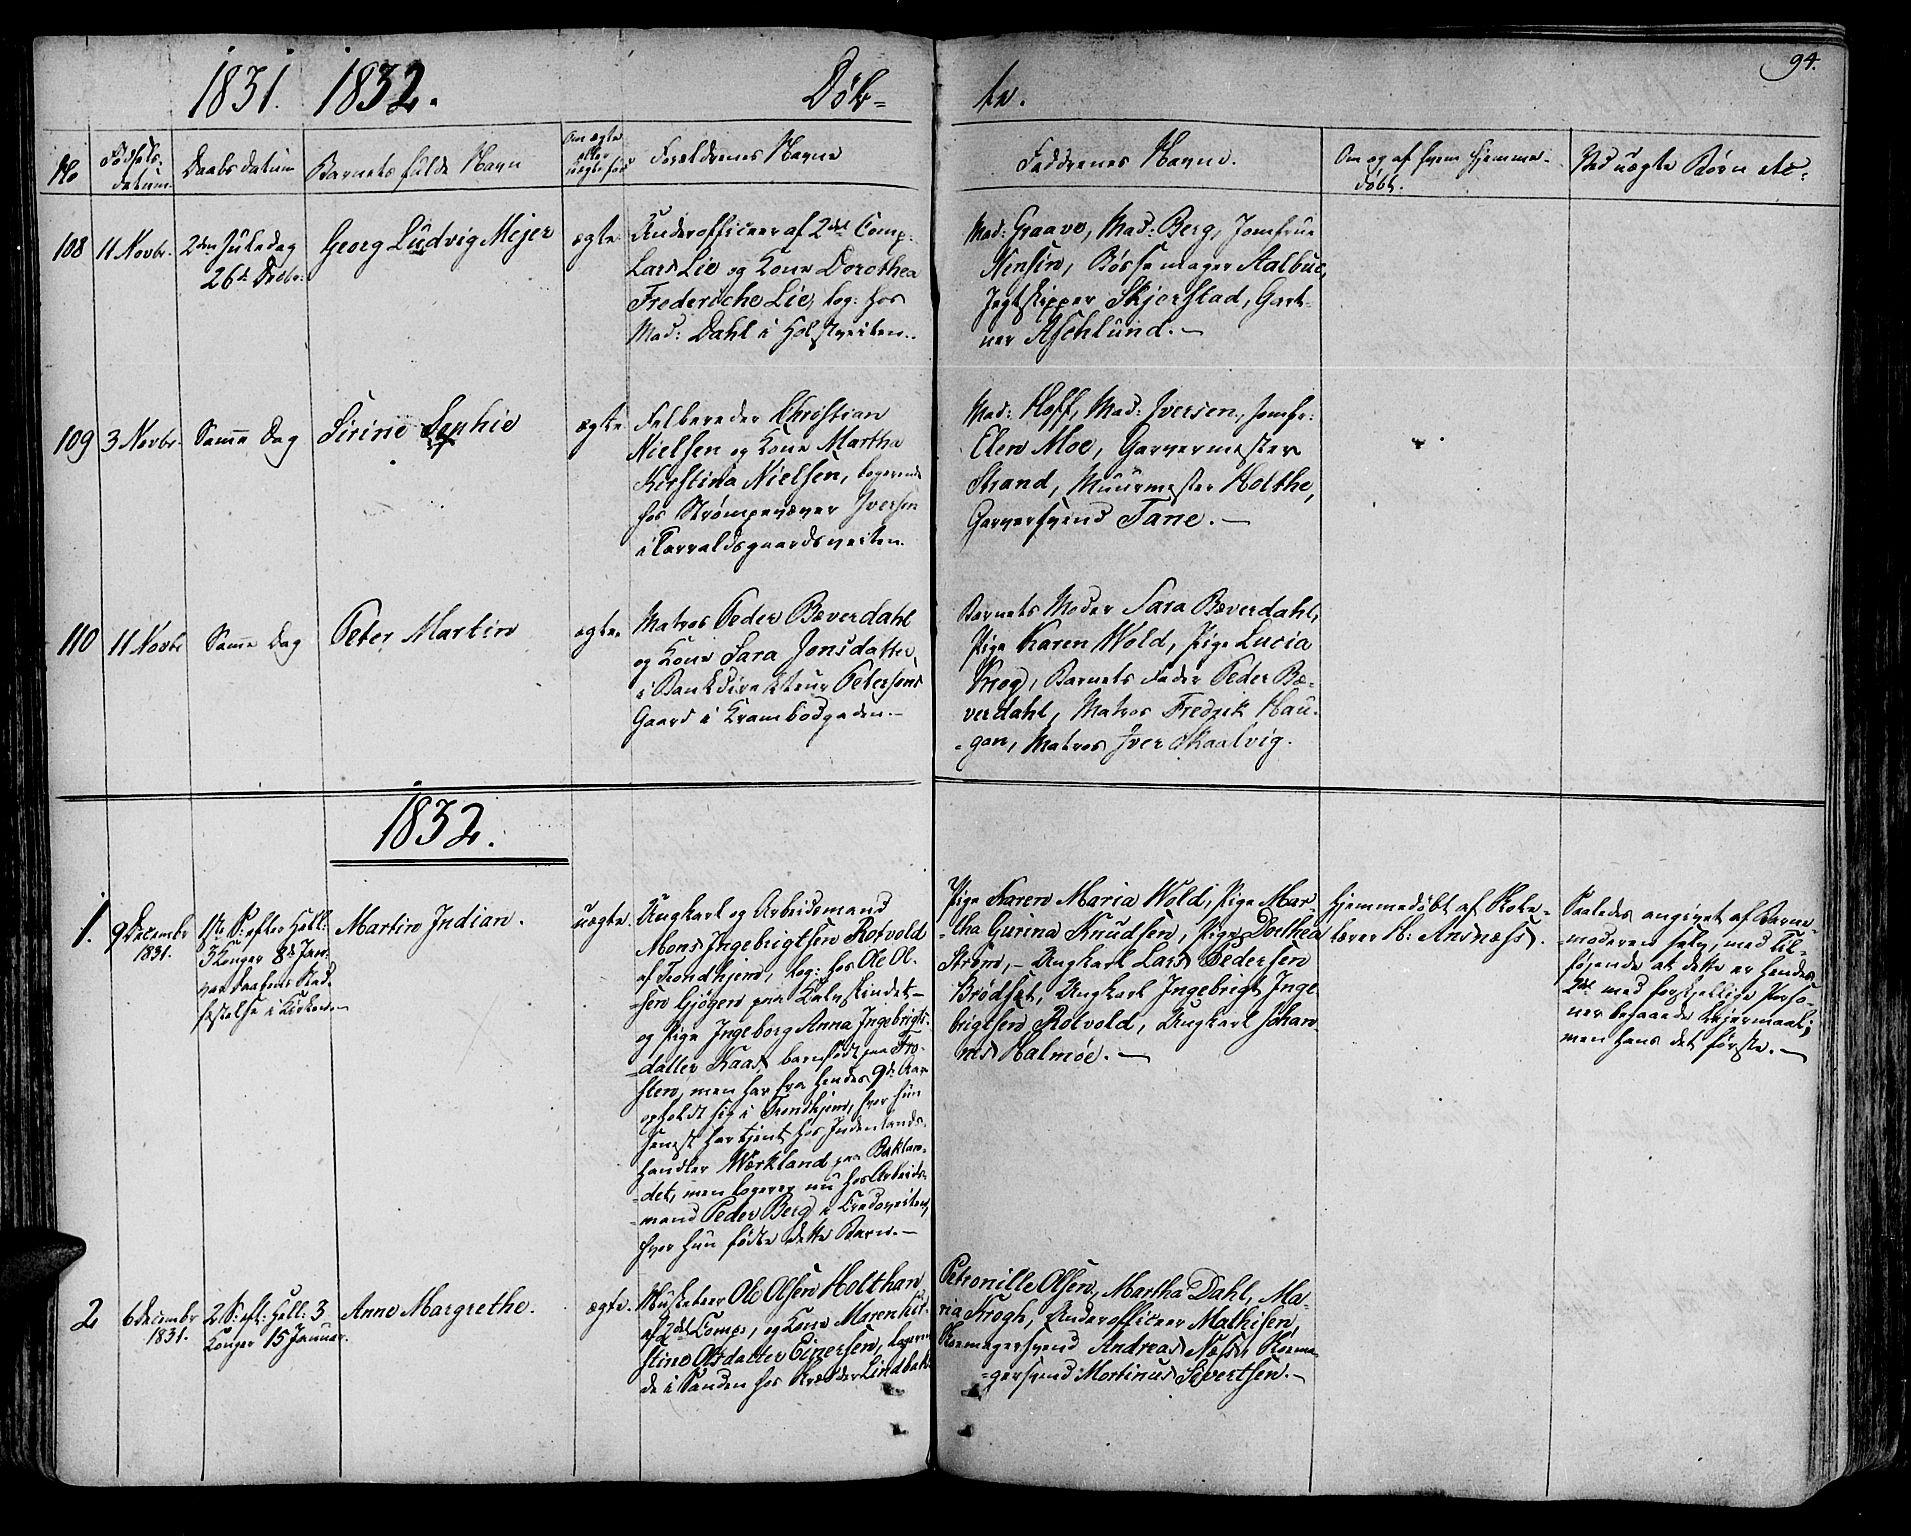 SAT, Ministerialprotokoller, klokkerbøker og fødselsregistre - Sør-Trøndelag, 602/L0108: Ministerialbok nr. 602A06, 1821-1839, s. 94